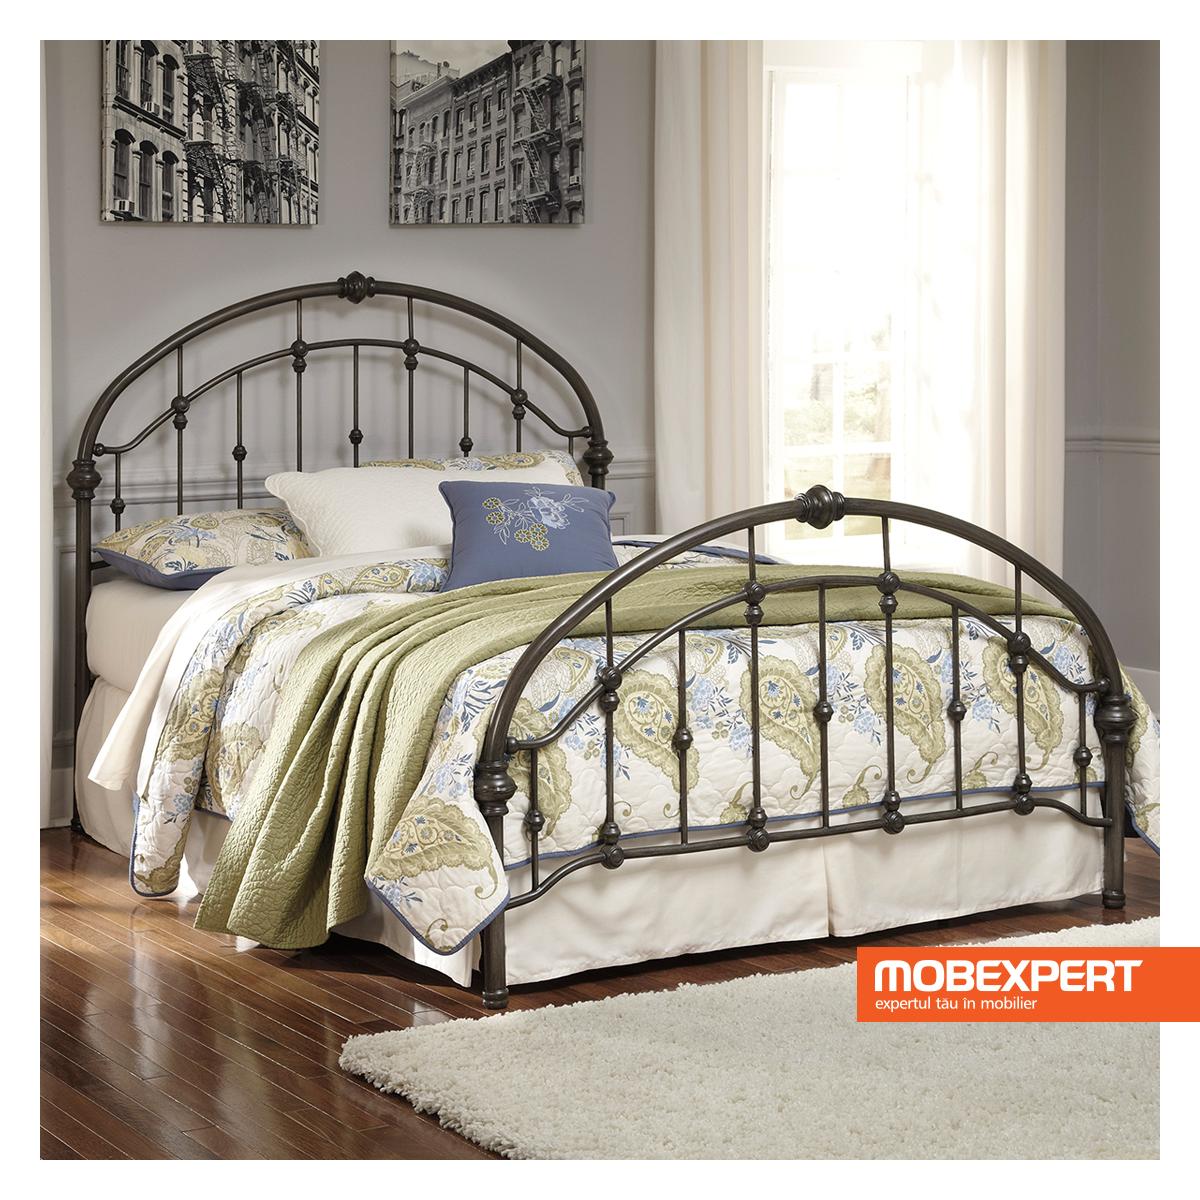 Patul Ideal Pentru Cei Visători Pat Dormitor Mobexpert Queen